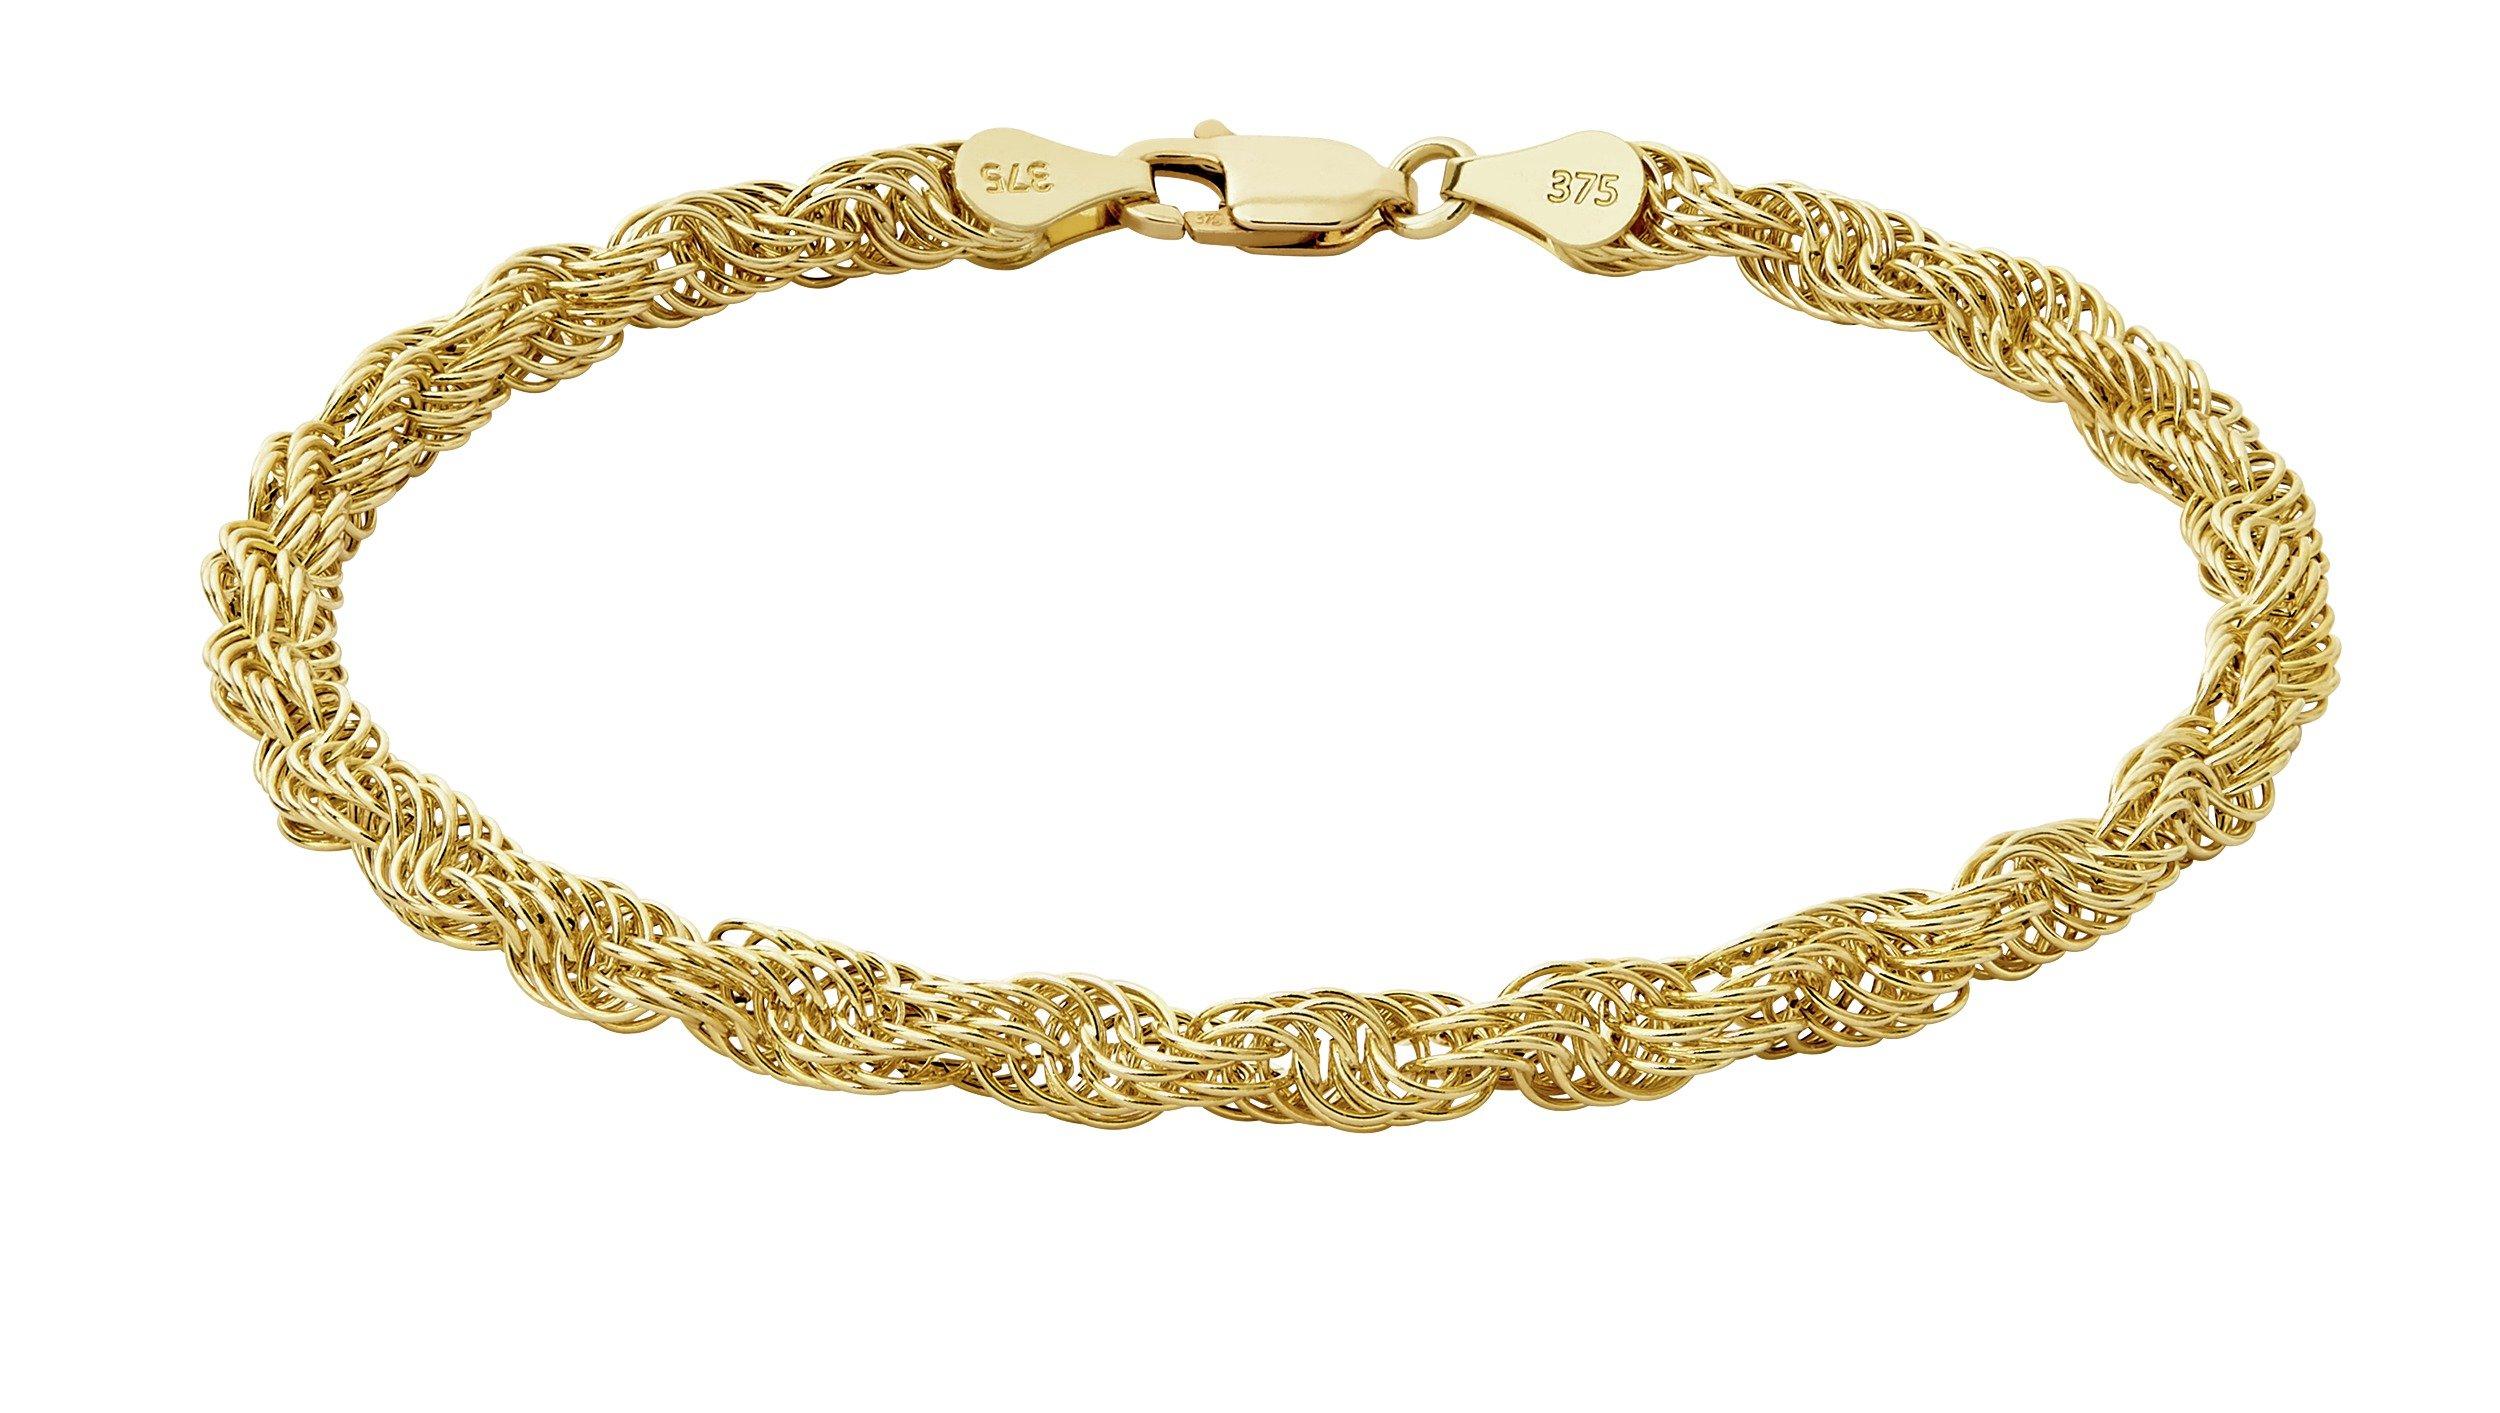 Revere 9ct Gold Plaited Rope Link Bracelet